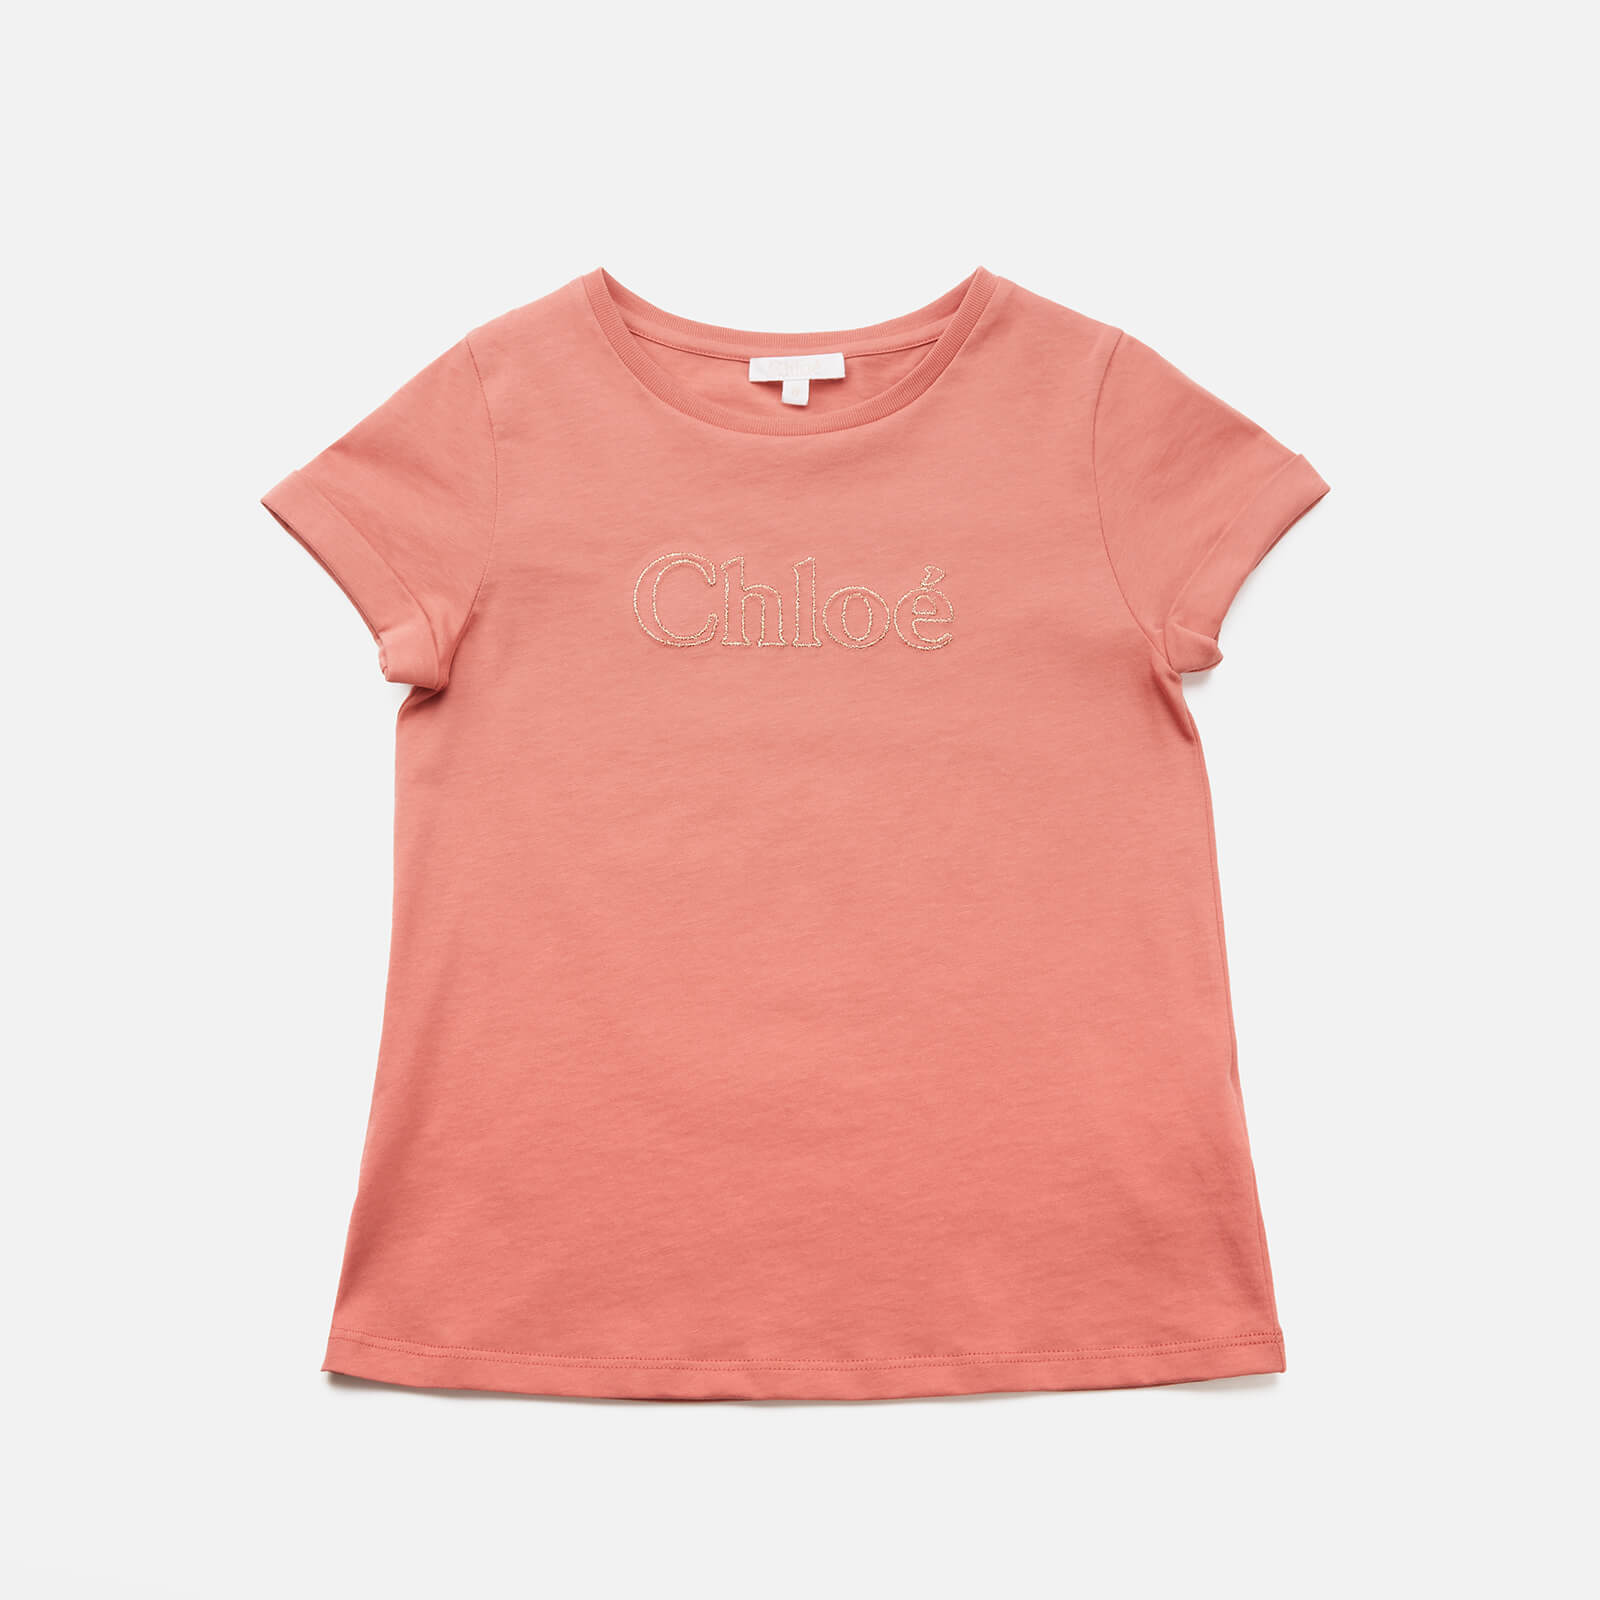 Chloe Girls' Logo T-Shirt - Brick - 10 Years